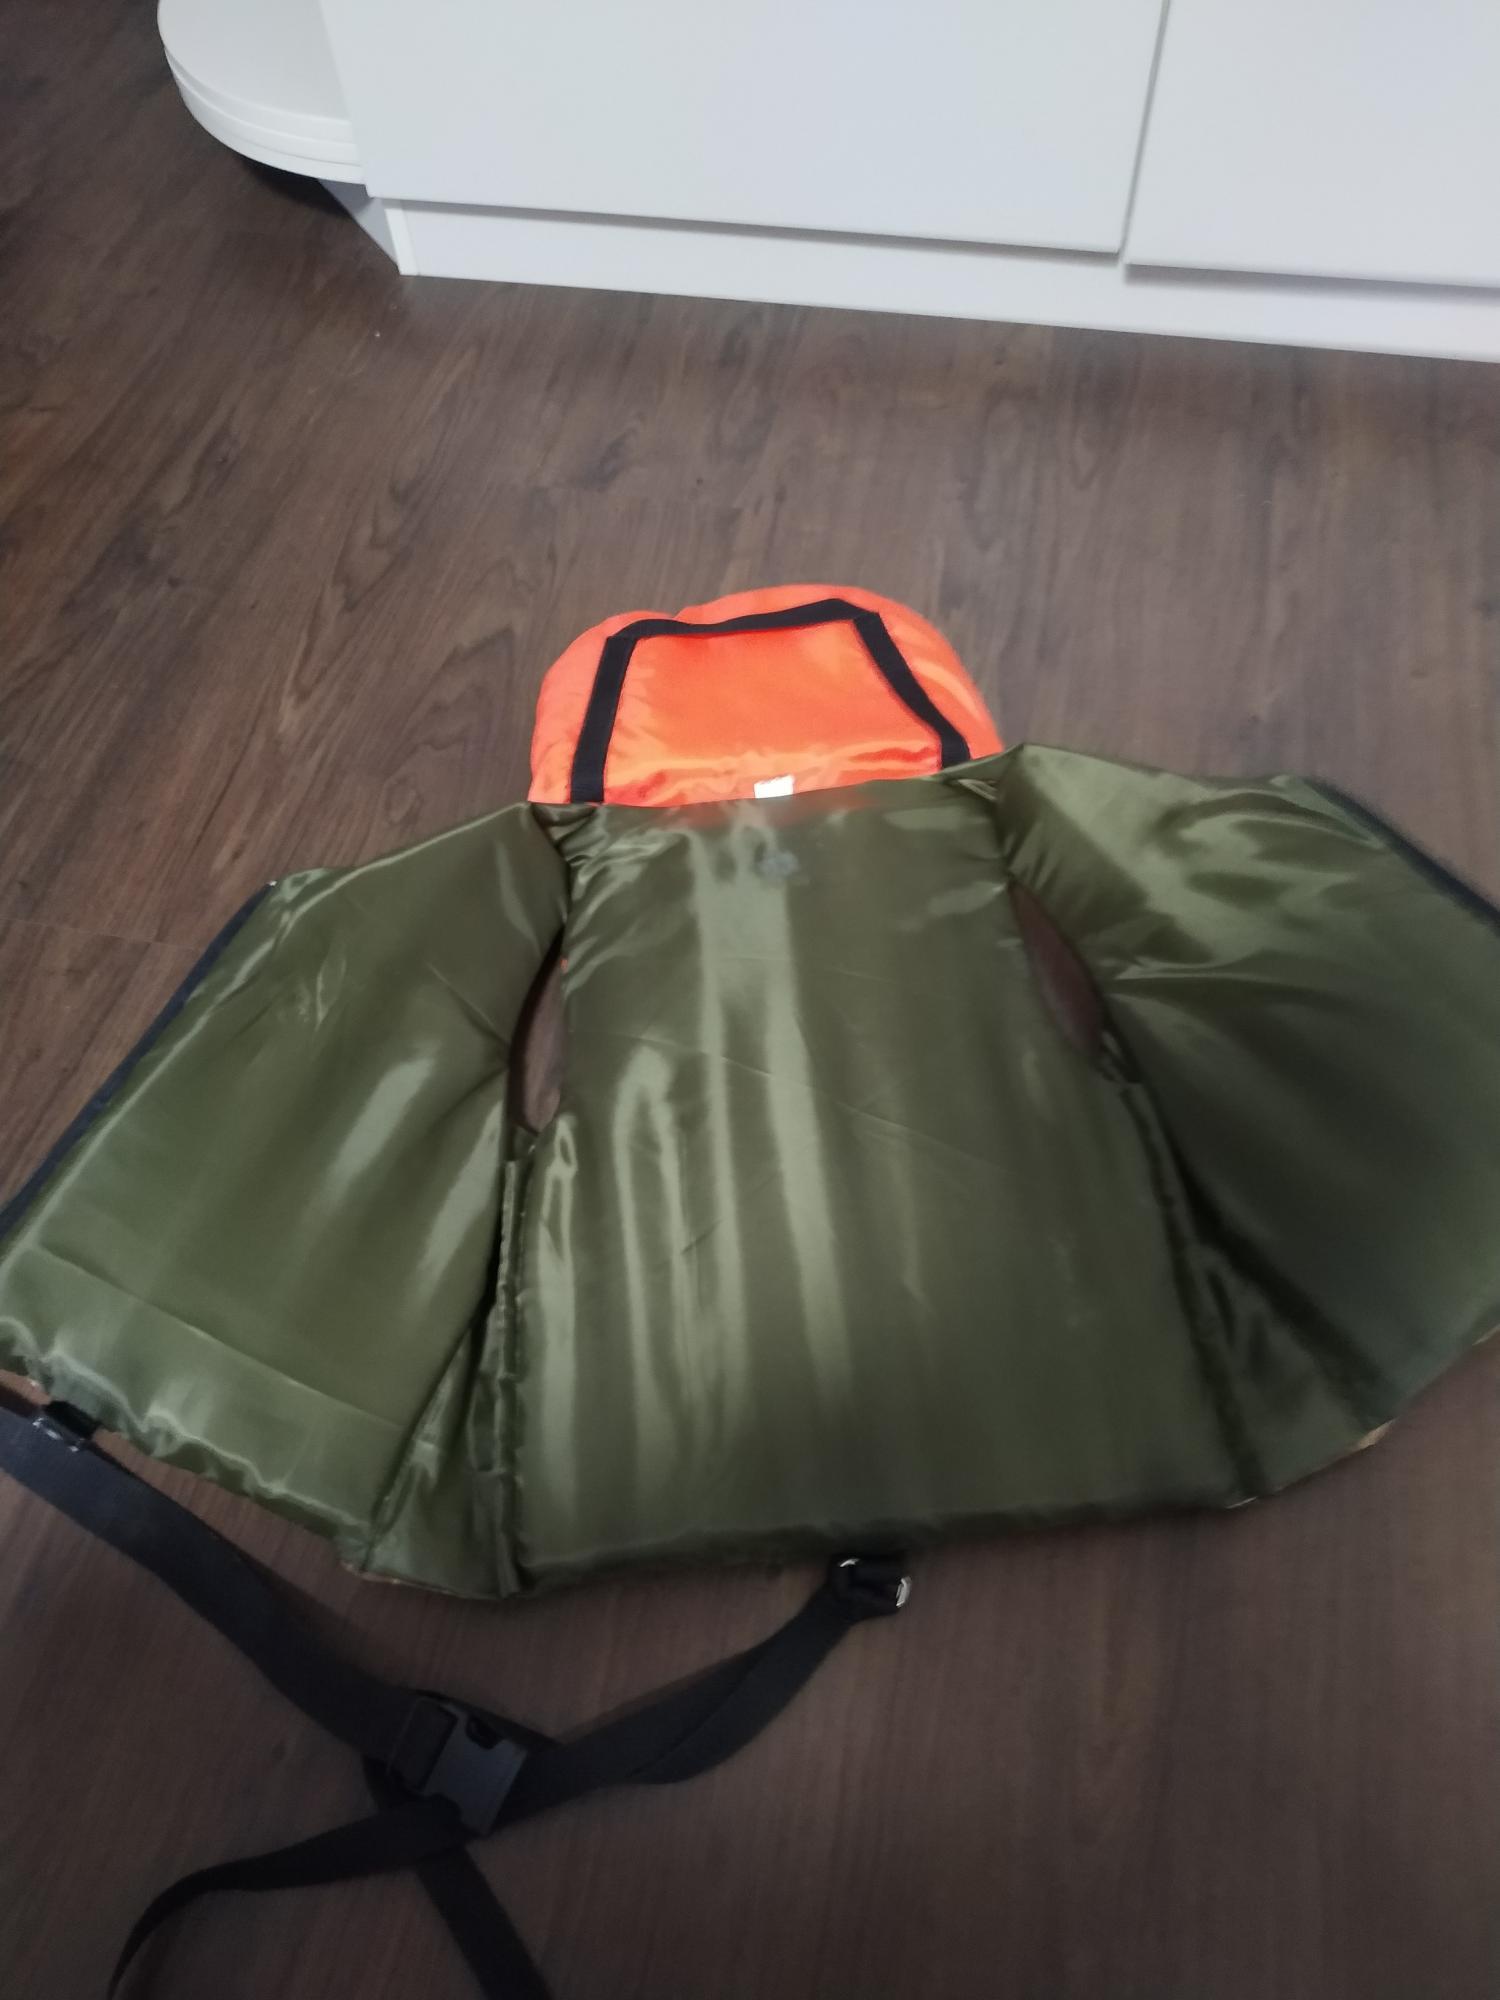 Жилет спасательный в Москве 89104393512 купить 3